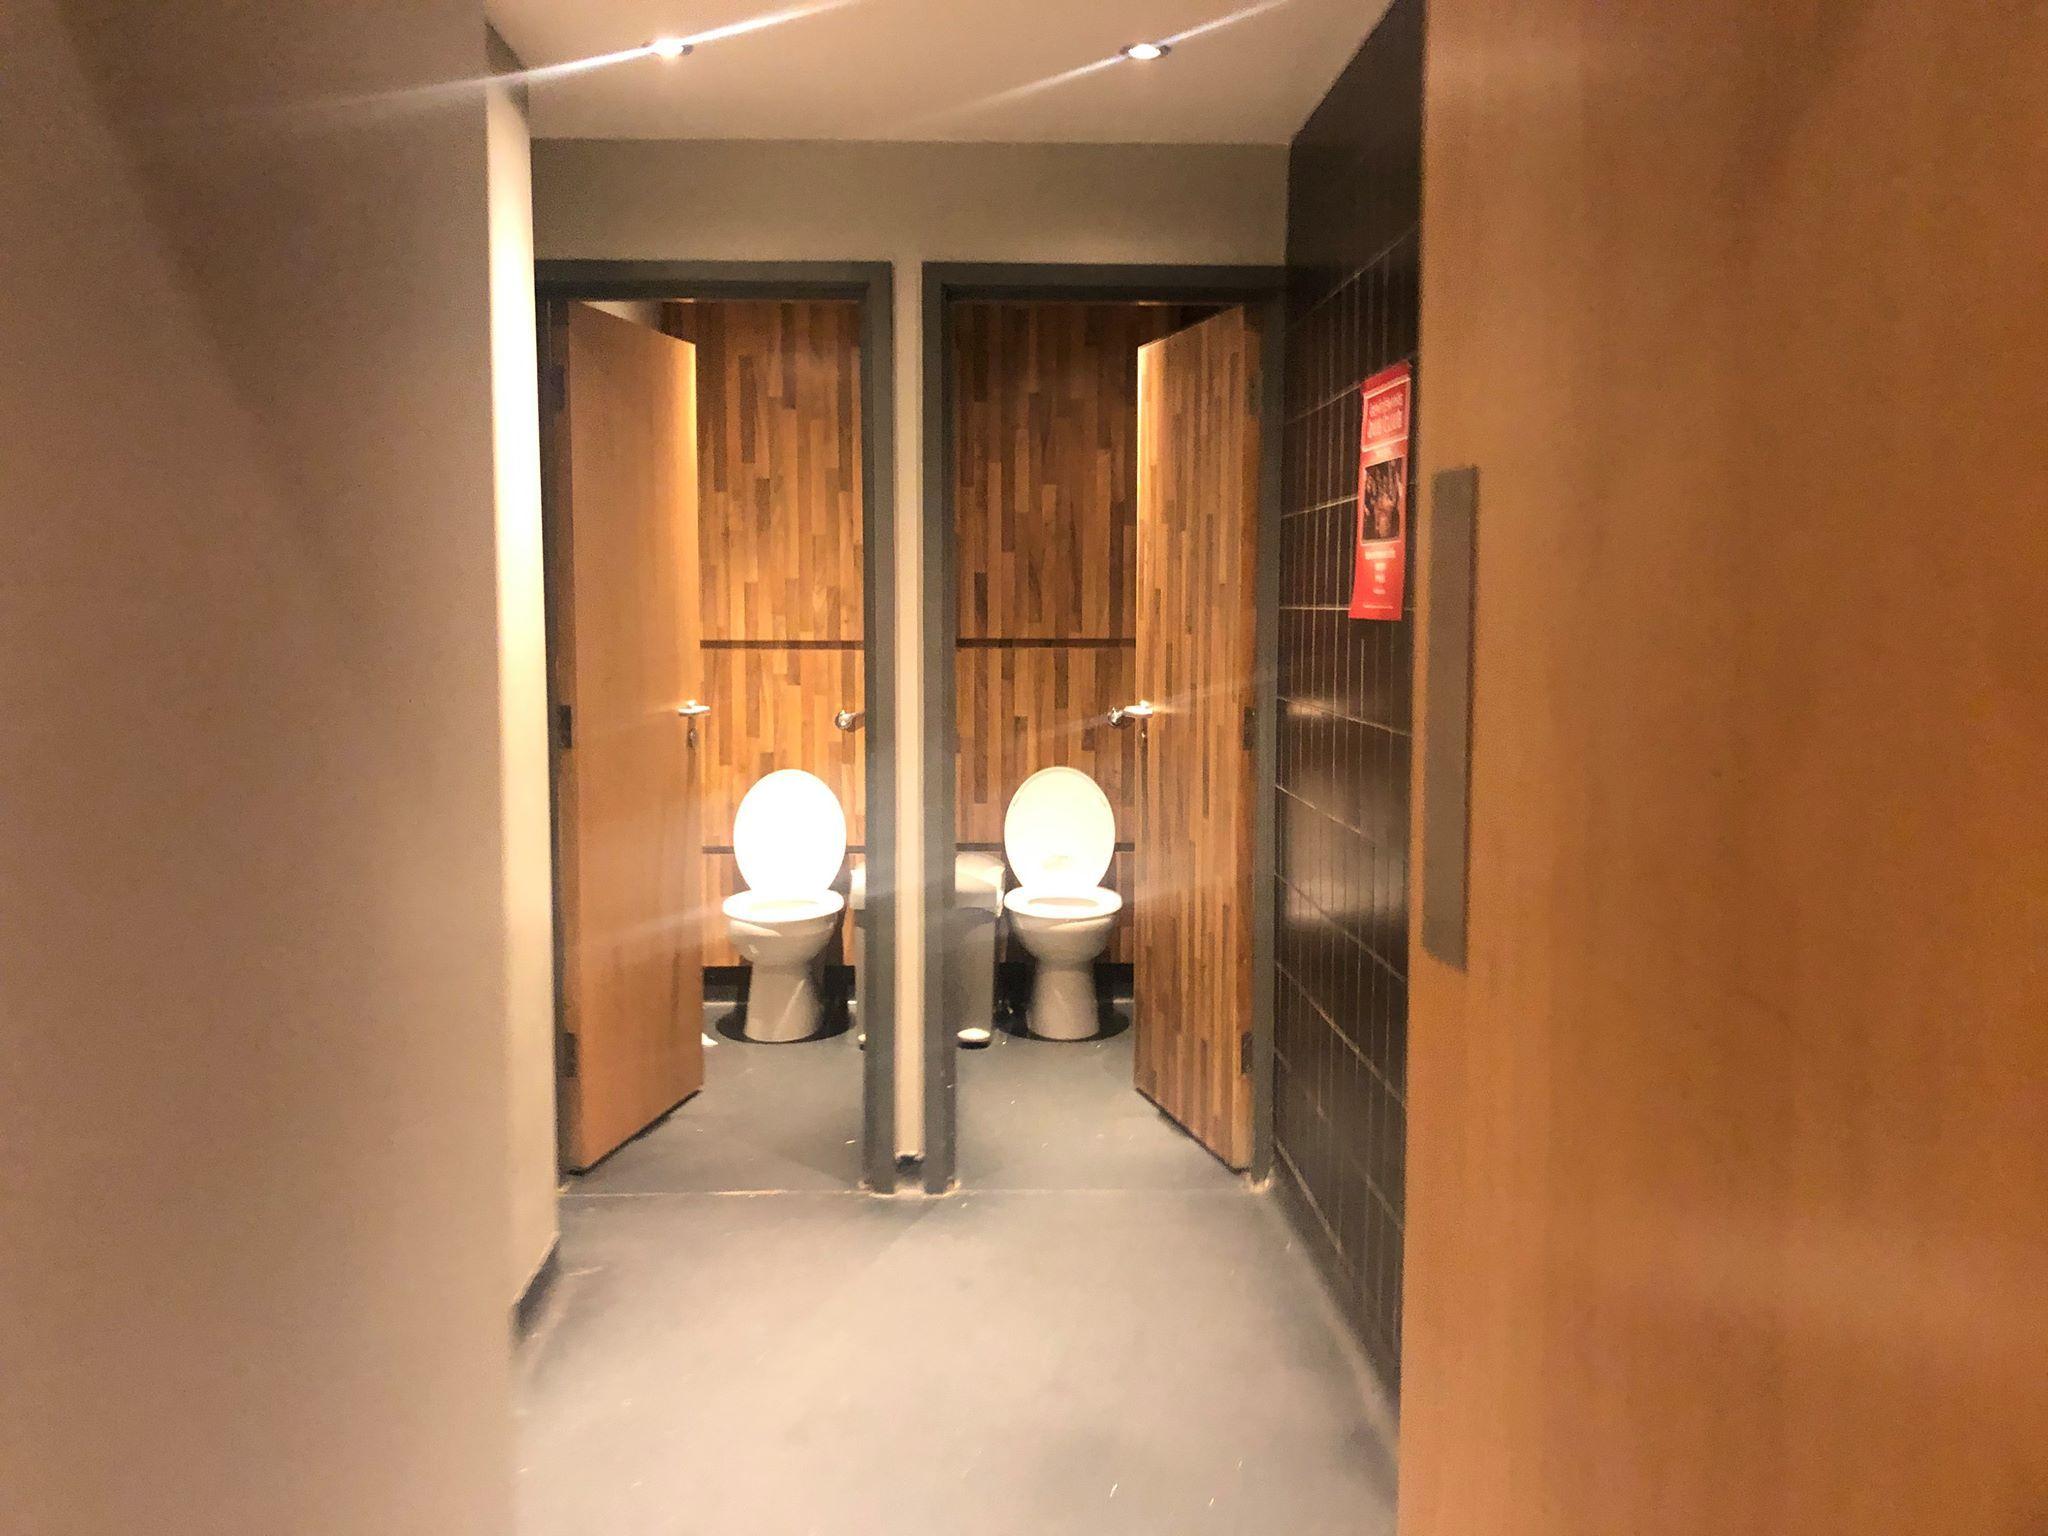 Image may contain: Lamp, Door, Hardwood, Corridor, Wood, Floor, Flooring